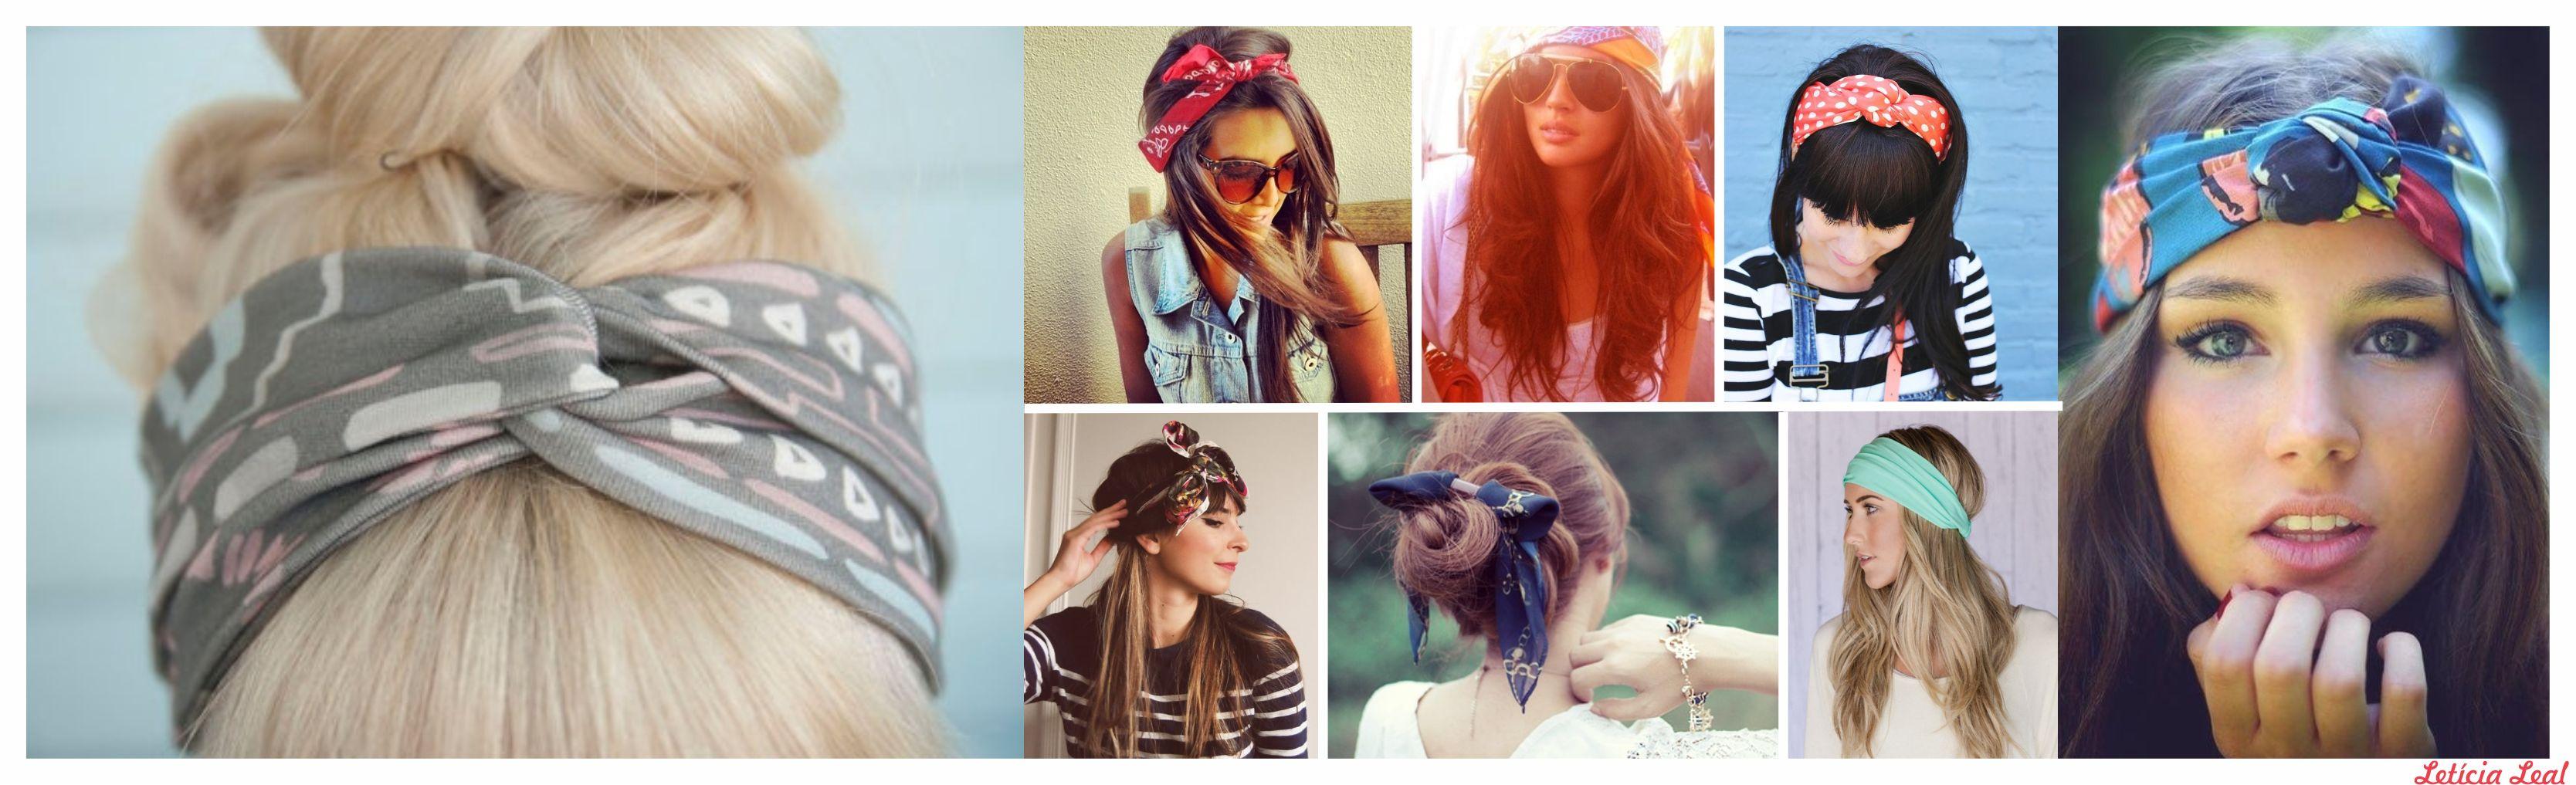 como_usar_lenco_no_cabelo_sos_solteiros